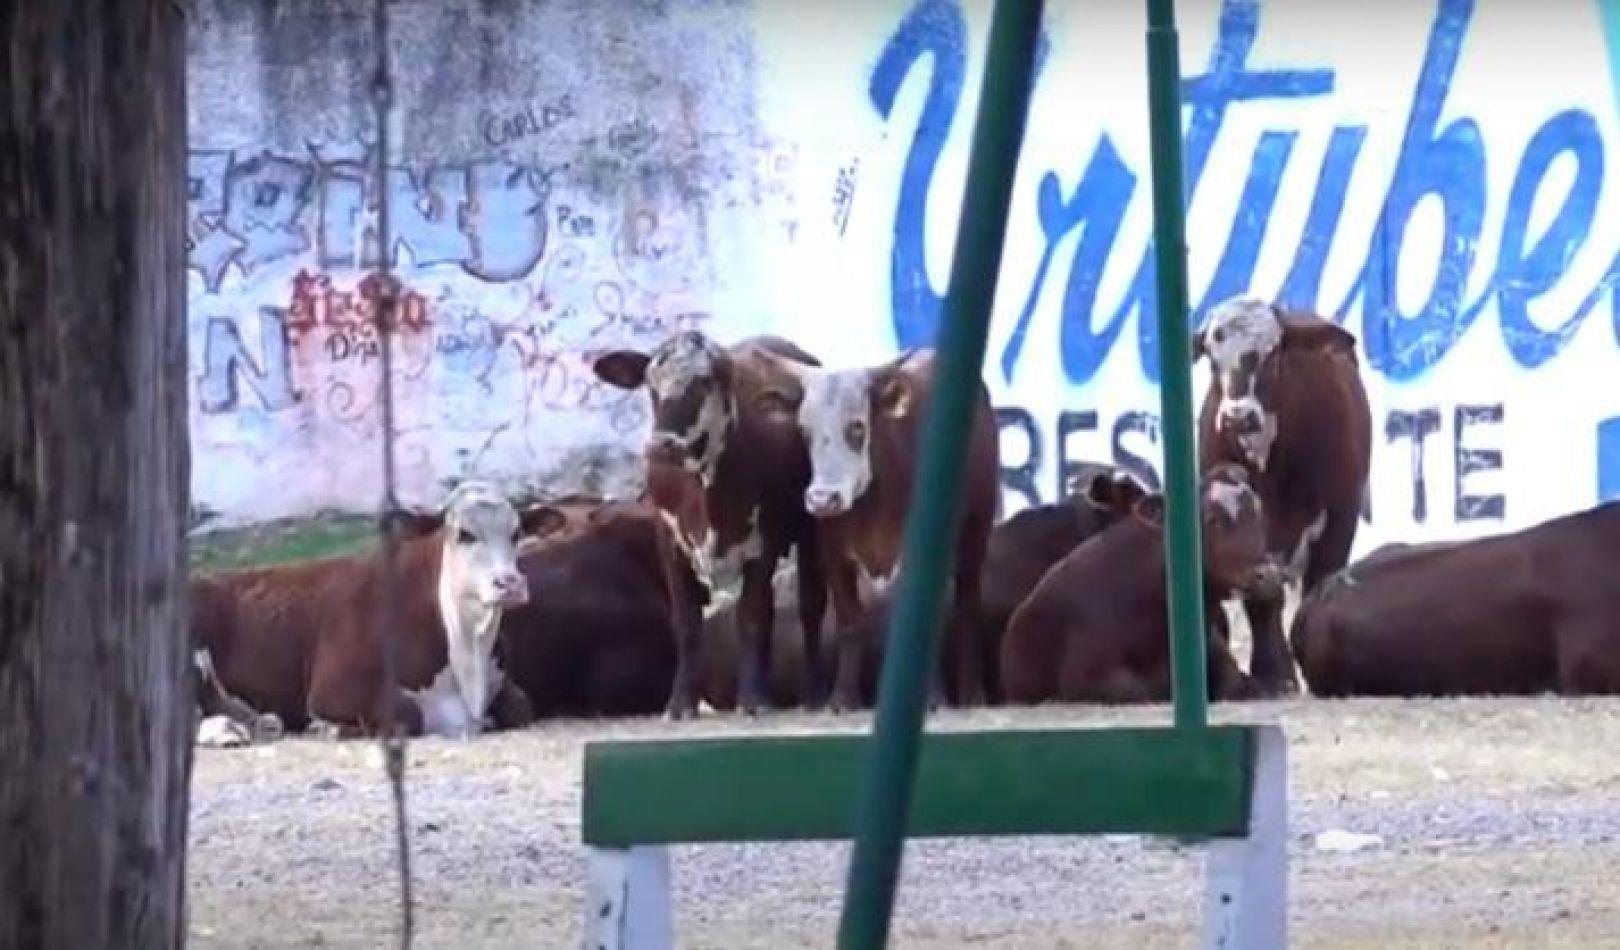 """Unas vacas escaparon de un frigorífico y """"pasearon"""" por un barrio de Salta Capital"""